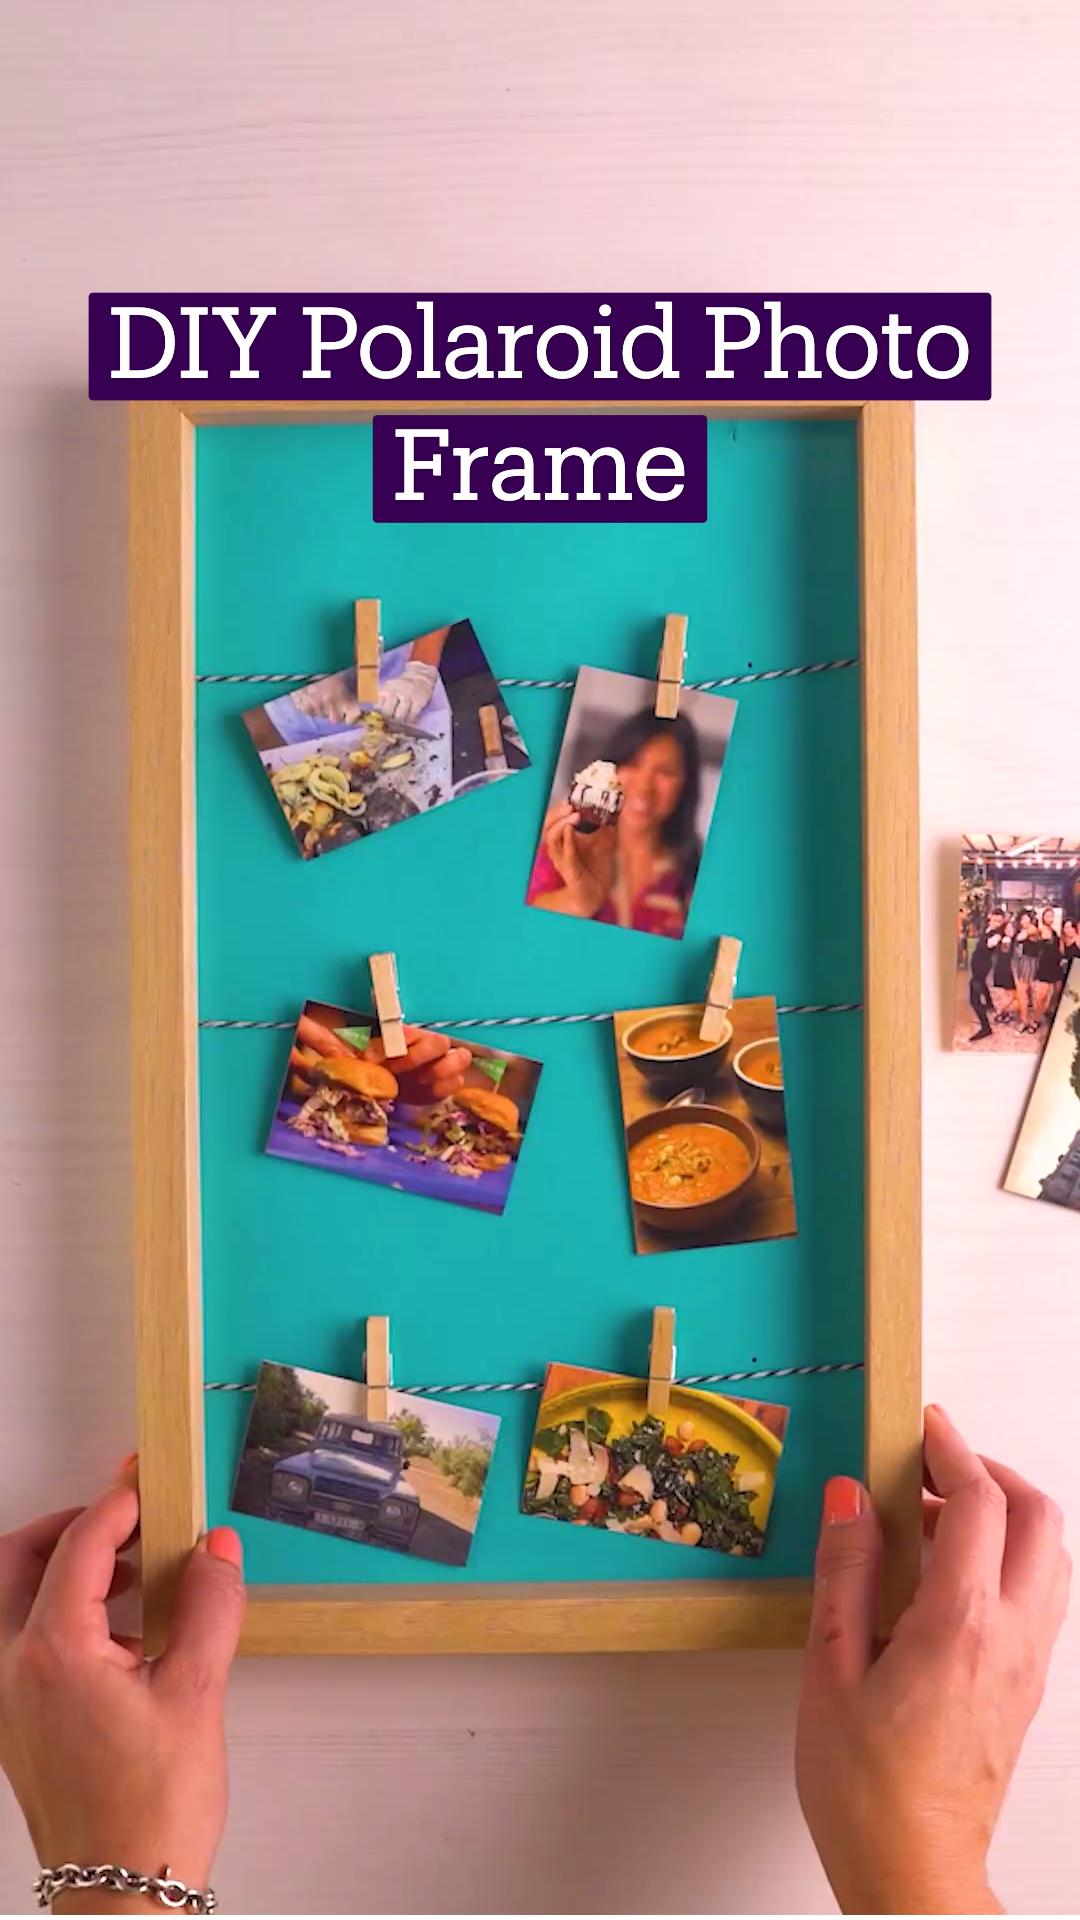 DIY Polaroid Photo Frame